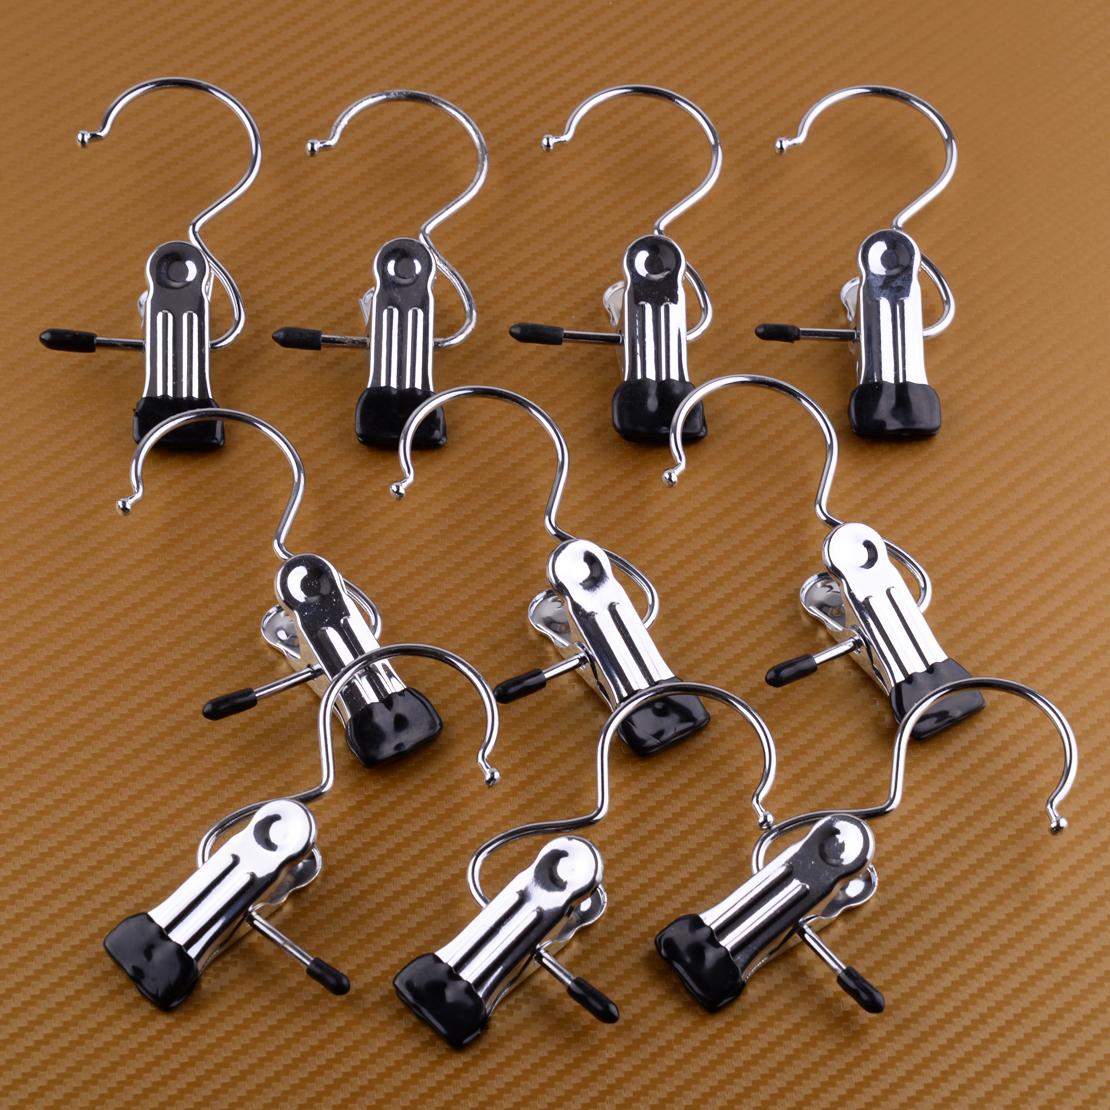 20x Metall Kleiderbügel Schuhklammer Hosenbügel Hosenklammer mit Clip Klammer